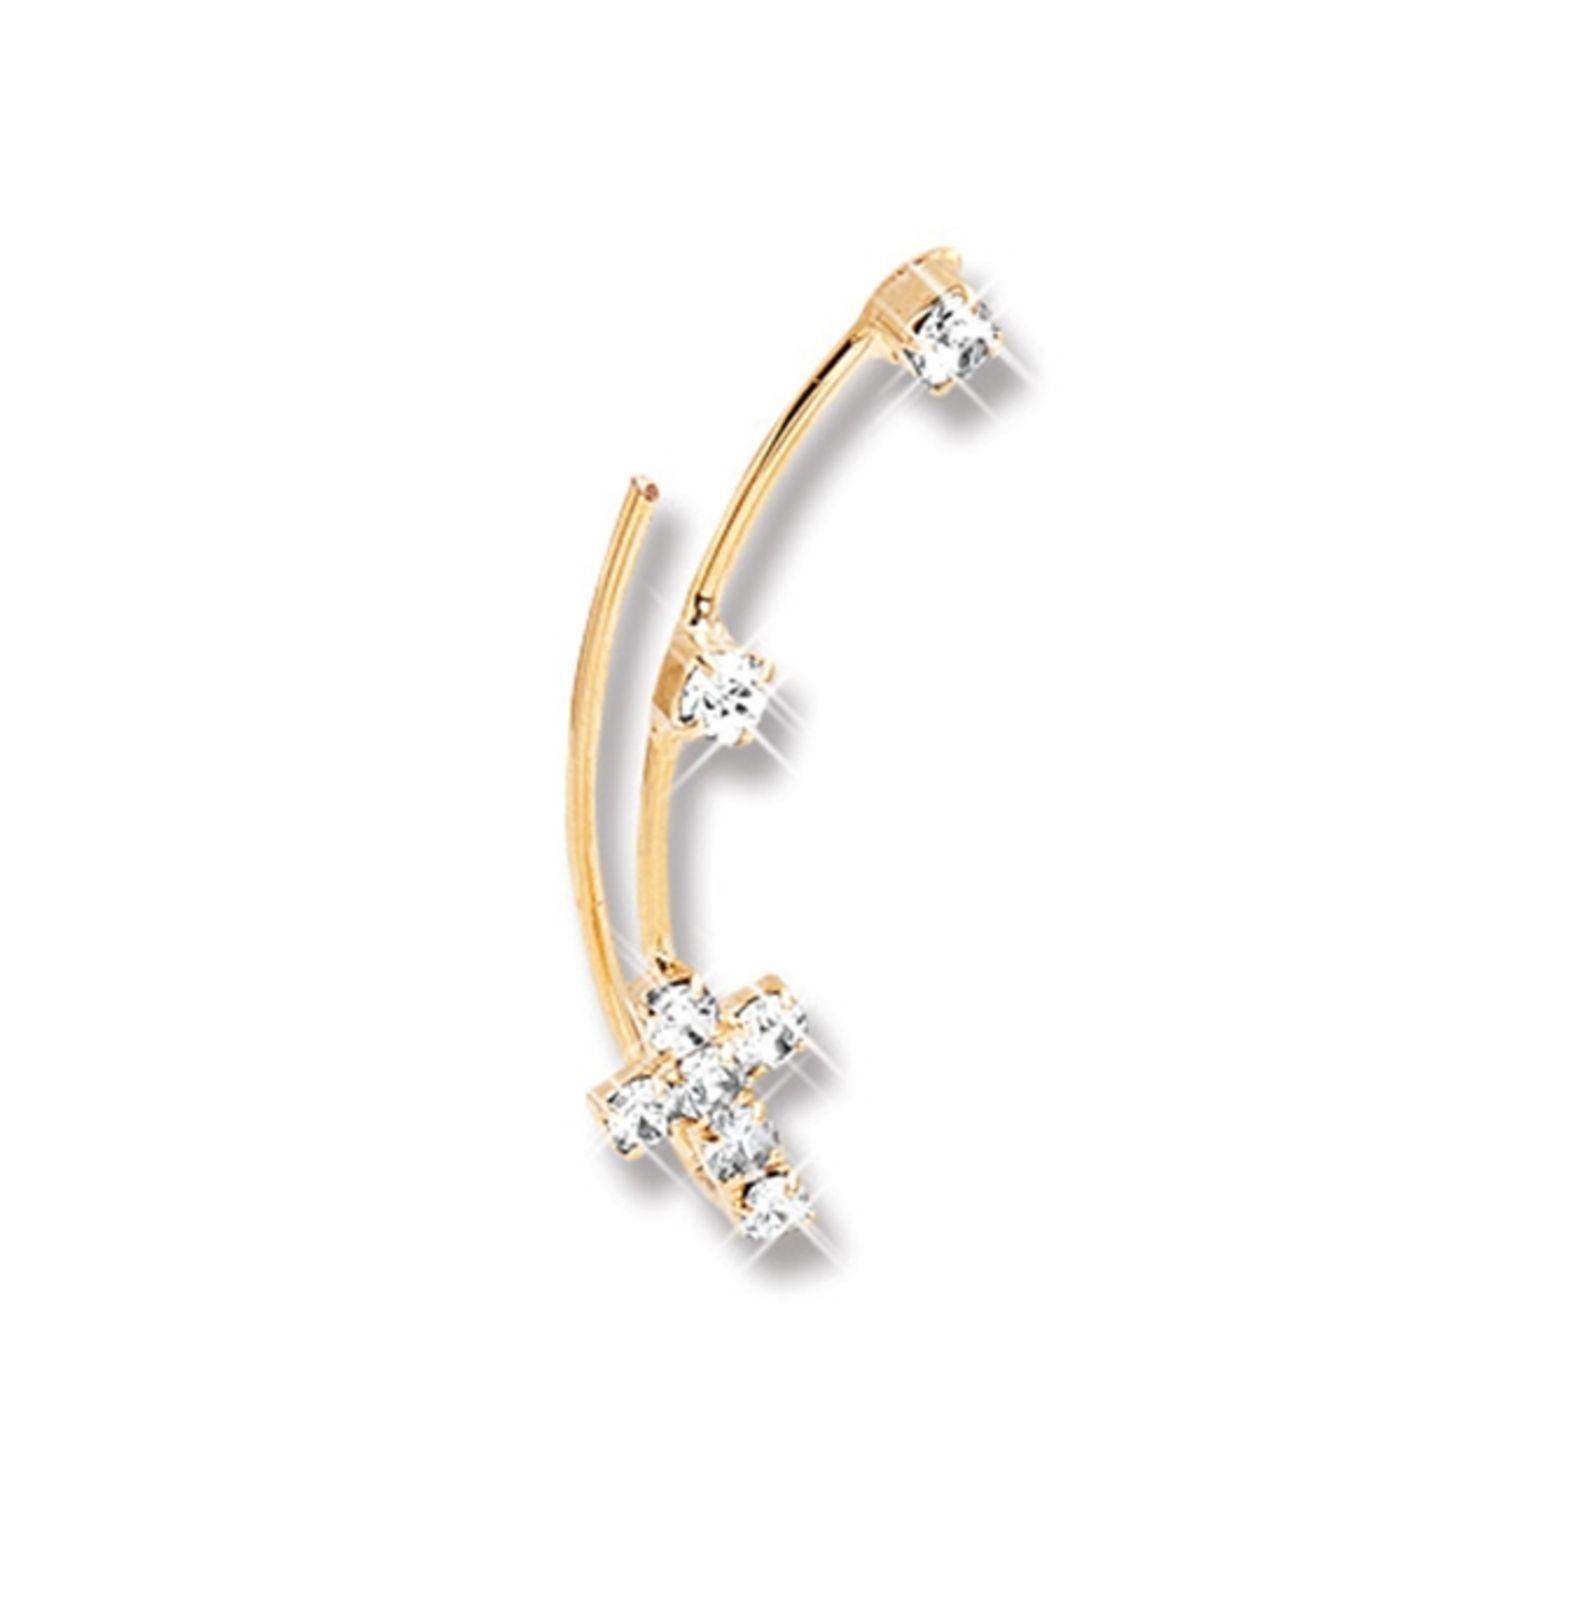 Brinco Le Diamond Ear Cuff Cruz e Zircônias Dourado